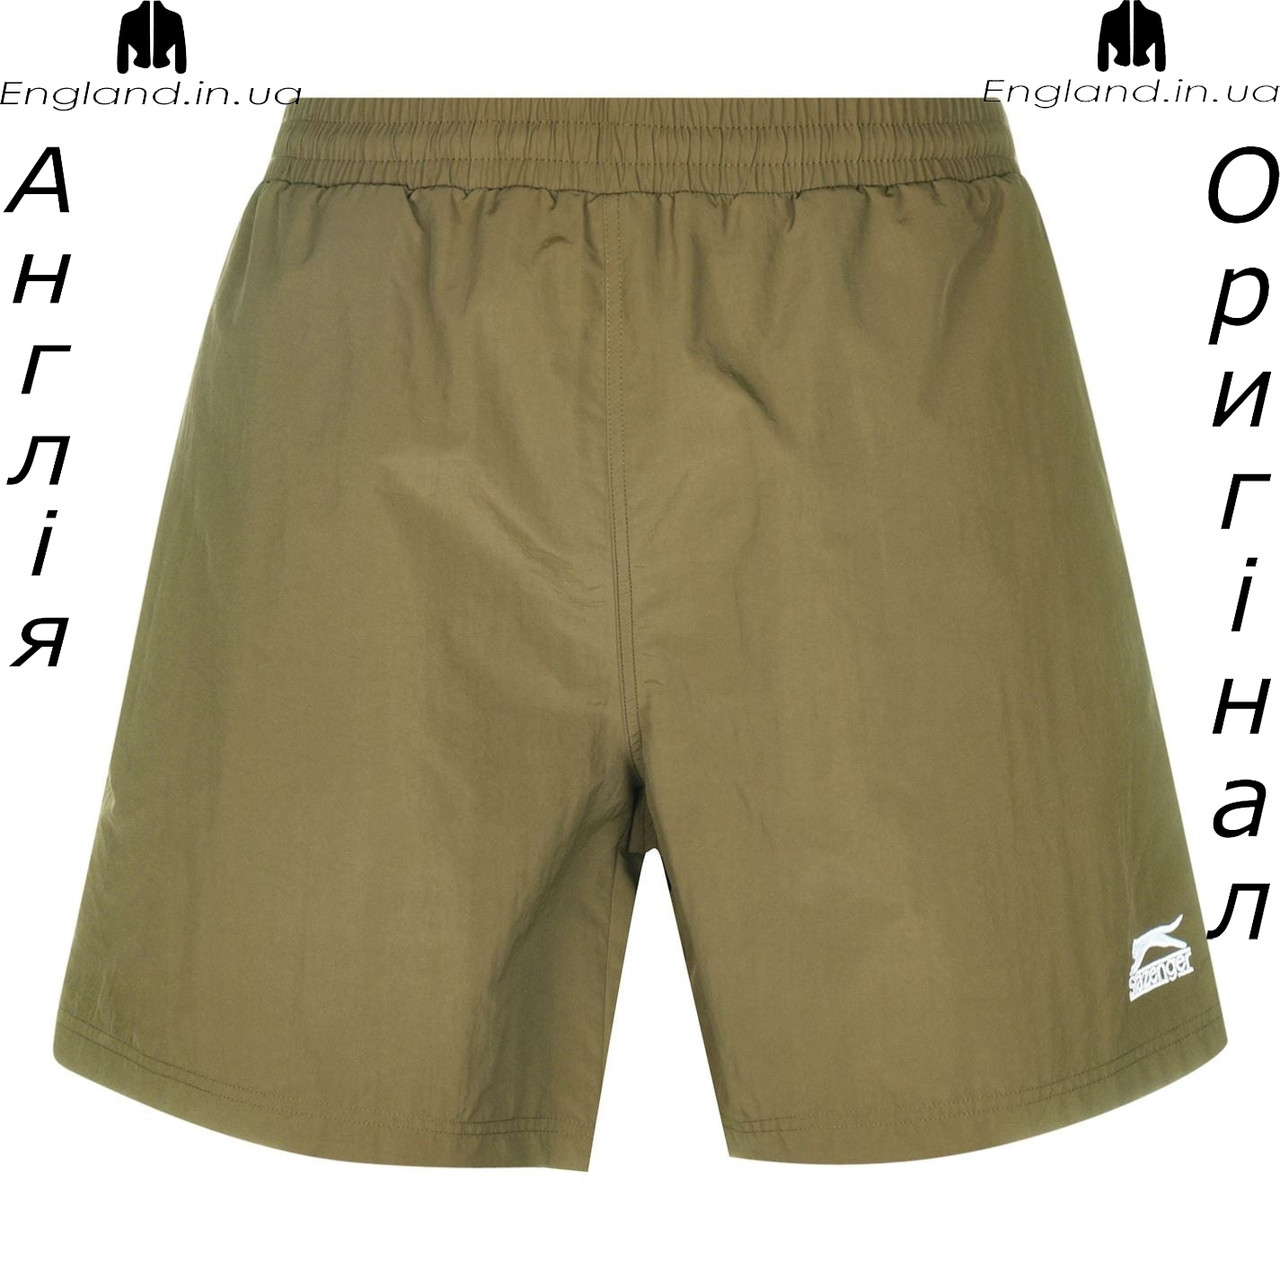 Плавки шорты мужские Slazenger из Англии